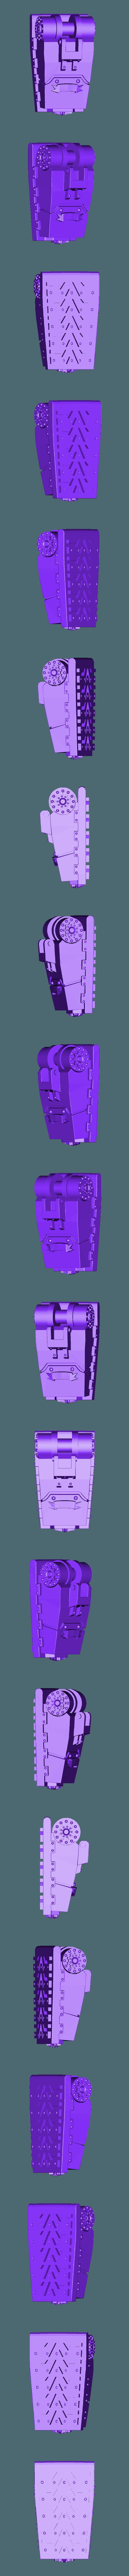 toe_middle_tipx2.STL Télécharger fichier STL gratuit Lucius Wardog Titan • Plan pour imprimante 3D, jimsbeanz